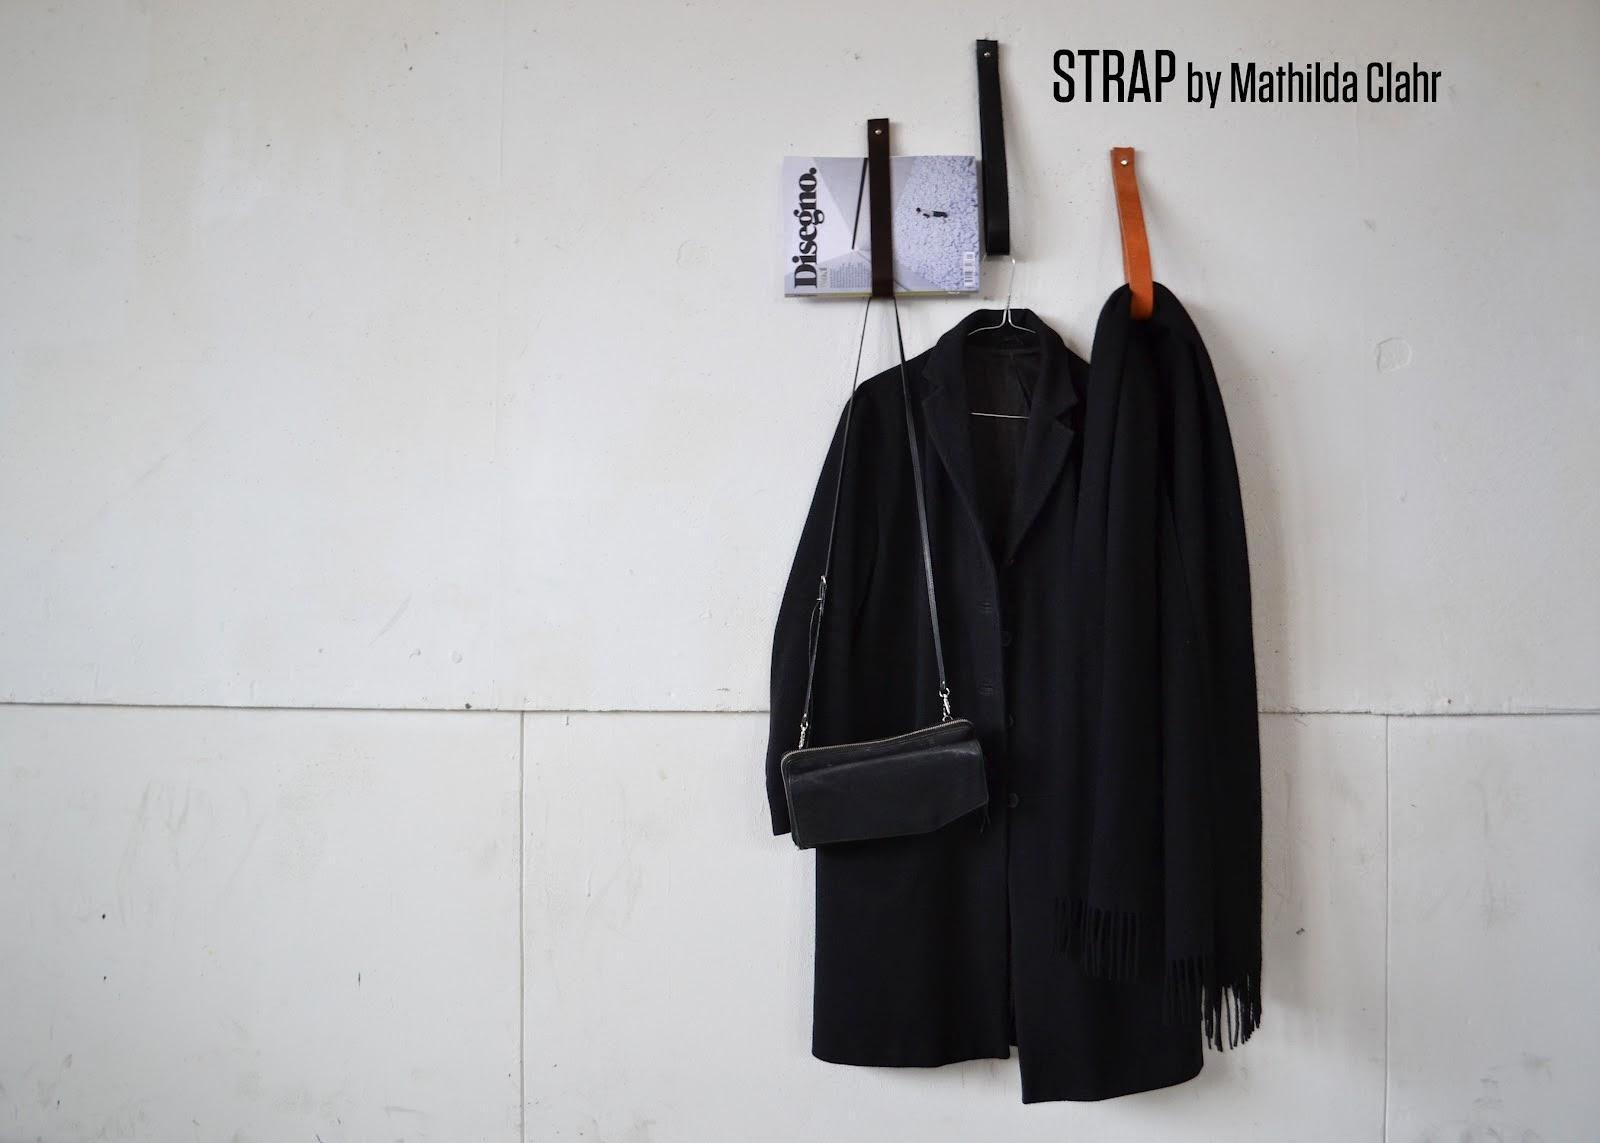 Strap - Mathilda Clahr